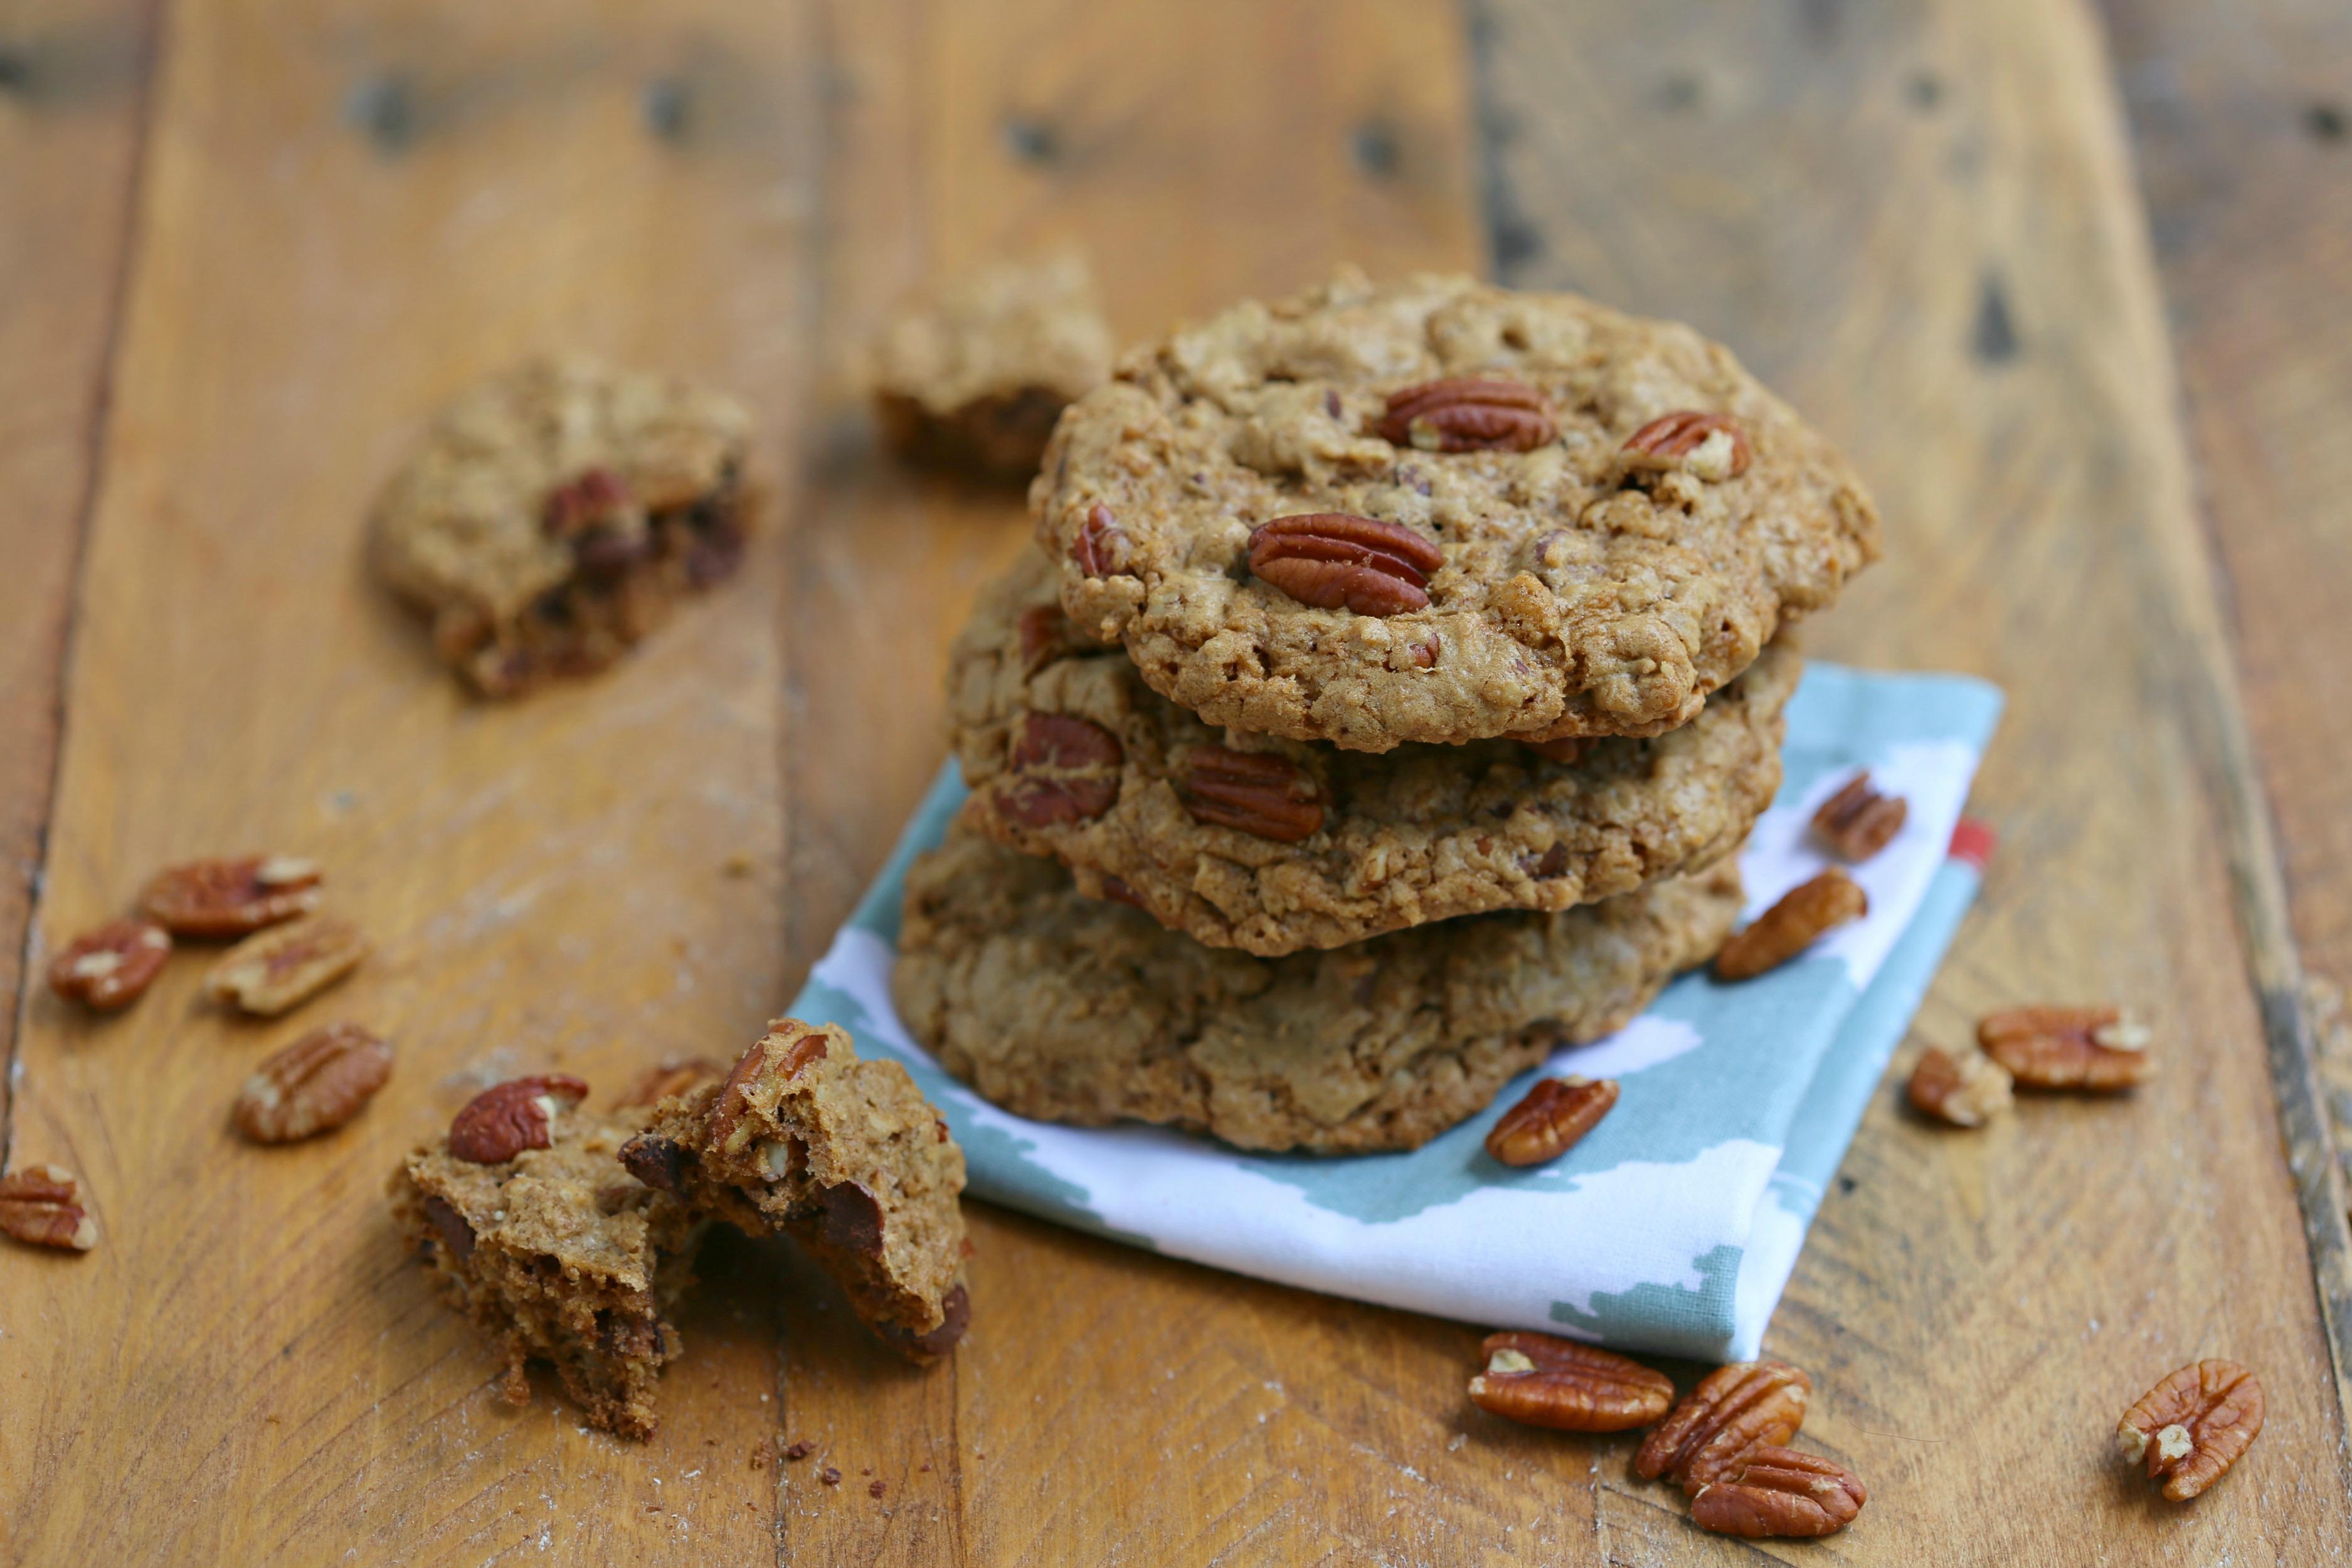 laurabush-cowboy-cookies-vianneyrodriguez-sweetlifebake